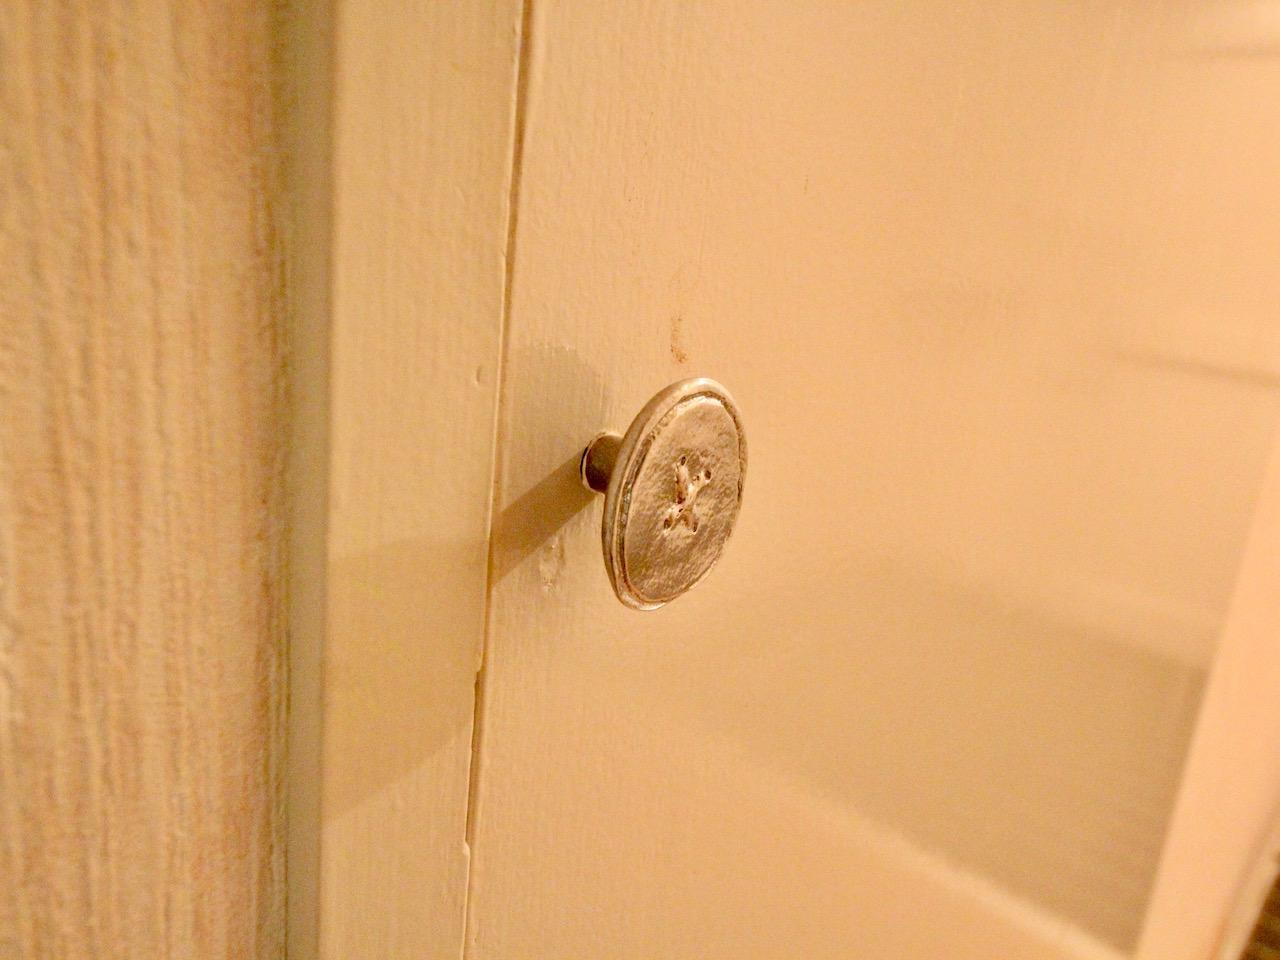 洗面所の扉 指を引っ掛けるタイプの取っ手